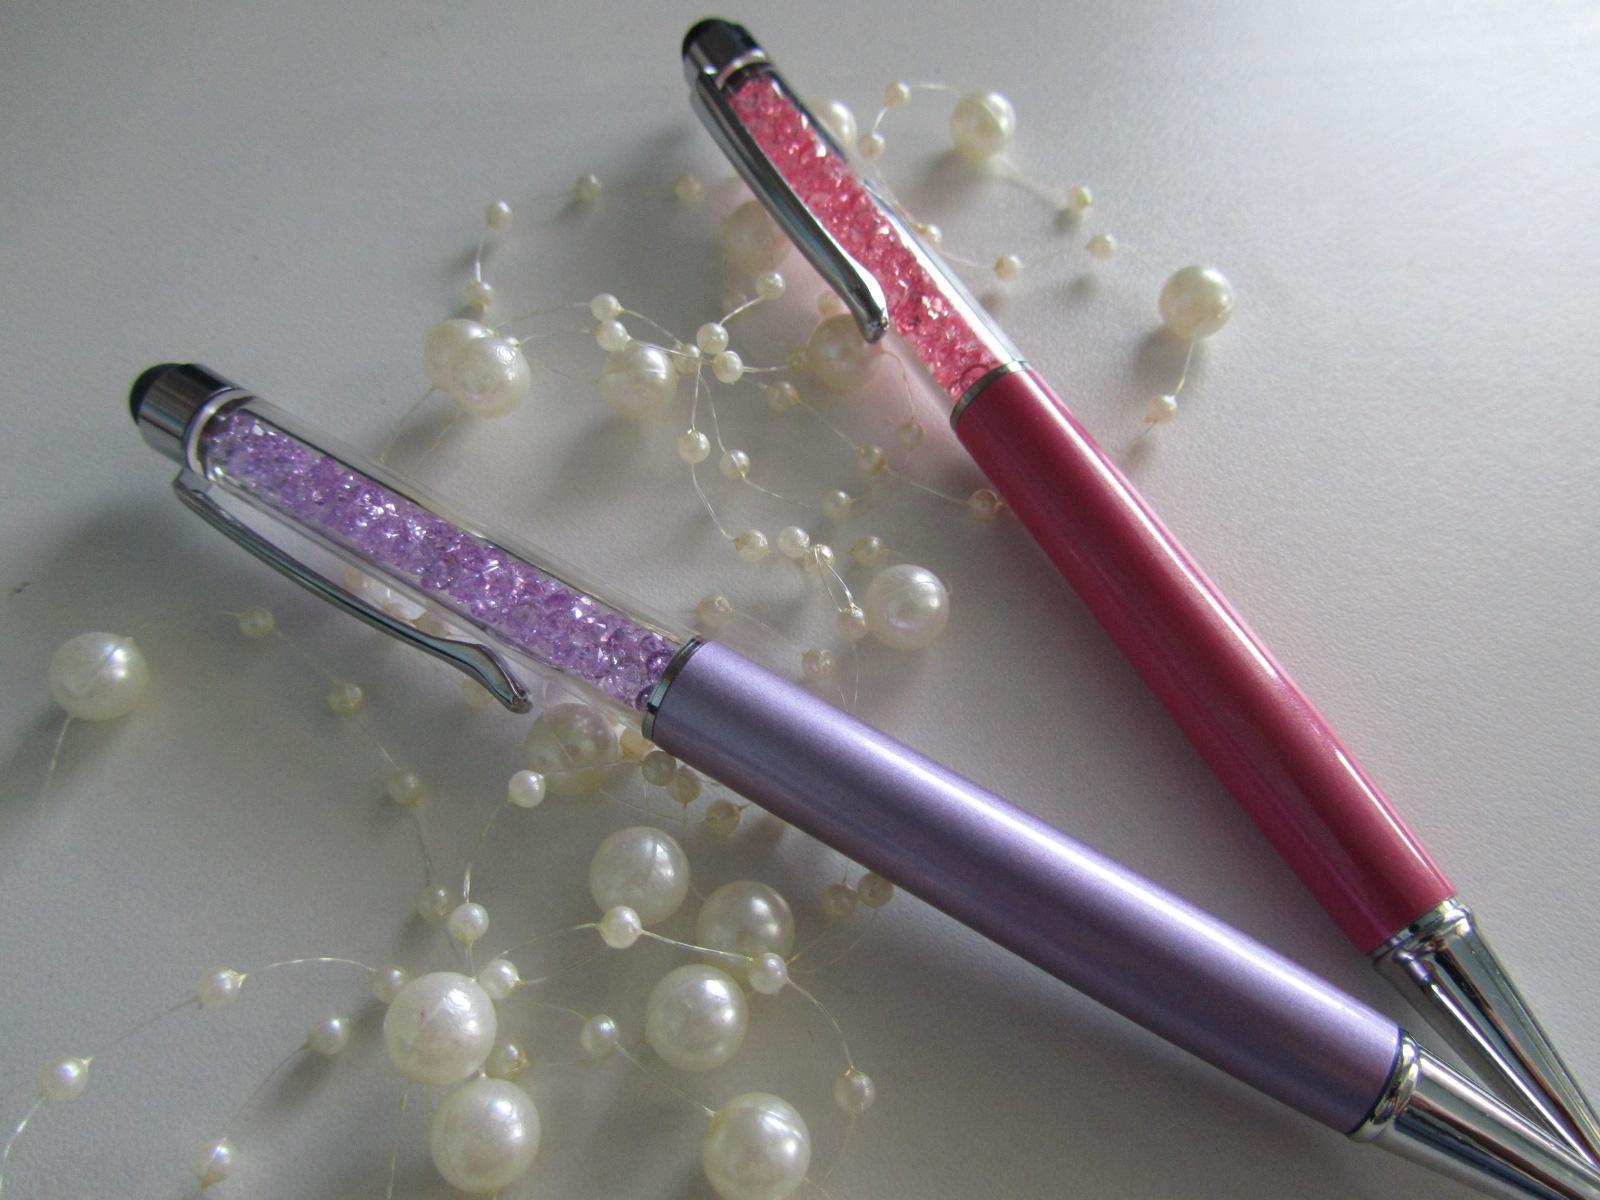 luxusní propiska s barevnými krystaly 2v1 - Obrázek č. 1